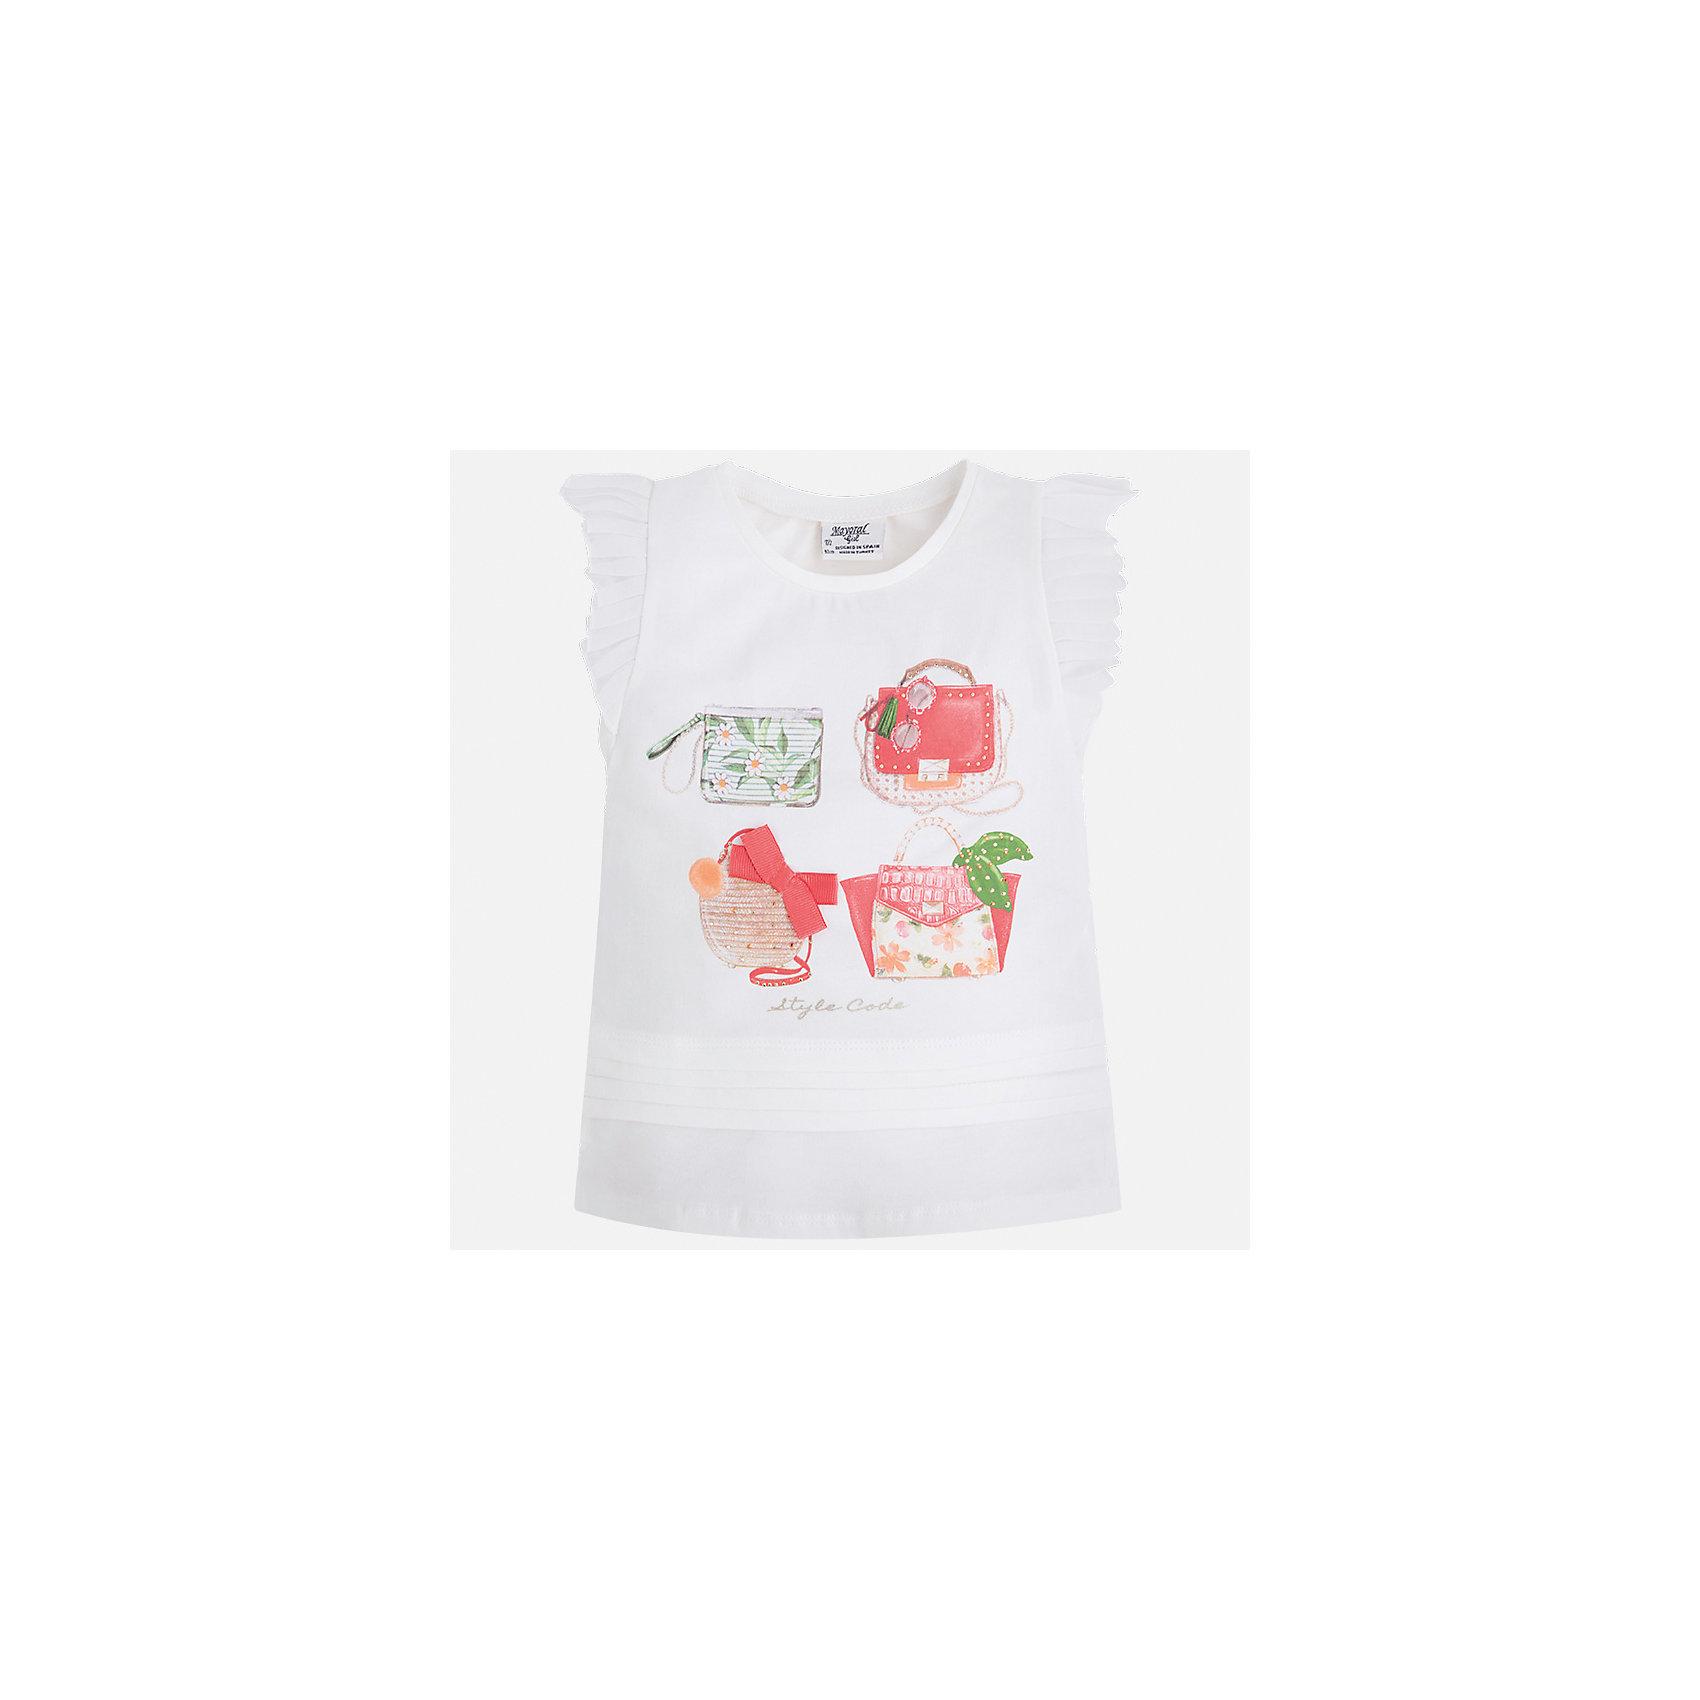 Футболка для девочки MayoralХарактеристики товара:<br><br>• цвет: белый<br>• состав: 95% хлопок, 5% эластан<br>• эластичный материал<br>• декорирована принтом<br>• короткие рукава<br>• фактурные плечи<br>• округлый горловой вырез<br>• страна бренда: Испания<br><br>Модная качественная футболка для девочки поможет разнообразить гардероб ребенка и украсить наряд. Она отлично сочетается и с юбками, и с шортами, и с брюками. Универсальный цвет позволяет подобрать к вещи низ практически любой расцветки. Интересная отделка модели делает её нарядной и оригинальной. В составе материала есть натуральный хлопок, гипоаллергенный, приятный на ощупь, дышащий.<br><br>Одежда, обувь и аксессуары от испанского бренда Mayoral полюбились детям и взрослым по всему миру. Модели этой марки - стильные и удобные. Для их производства используются только безопасные, качественные материалы и фурнитура. Порадуйте ребенка модными и красивыми вещами от Mayoral! <br><br>Футболку для девочки от испанского бренда Mayoral (Майорал) можно купить в нашем интернет-магазине.<br><br>Ширина мм: 199<br>Глубина мм: 10<br>Высота мм: 161<br>Вес г: 151<br>Цвет: белый<br>Возраст от месяцев: 96<br>Возраст до месяцев: 108<br>Пол: Женский<br>Возраст: Детский<br>Размер: 134,92,98,104,110,116,122,128<br>SKU: 5300118